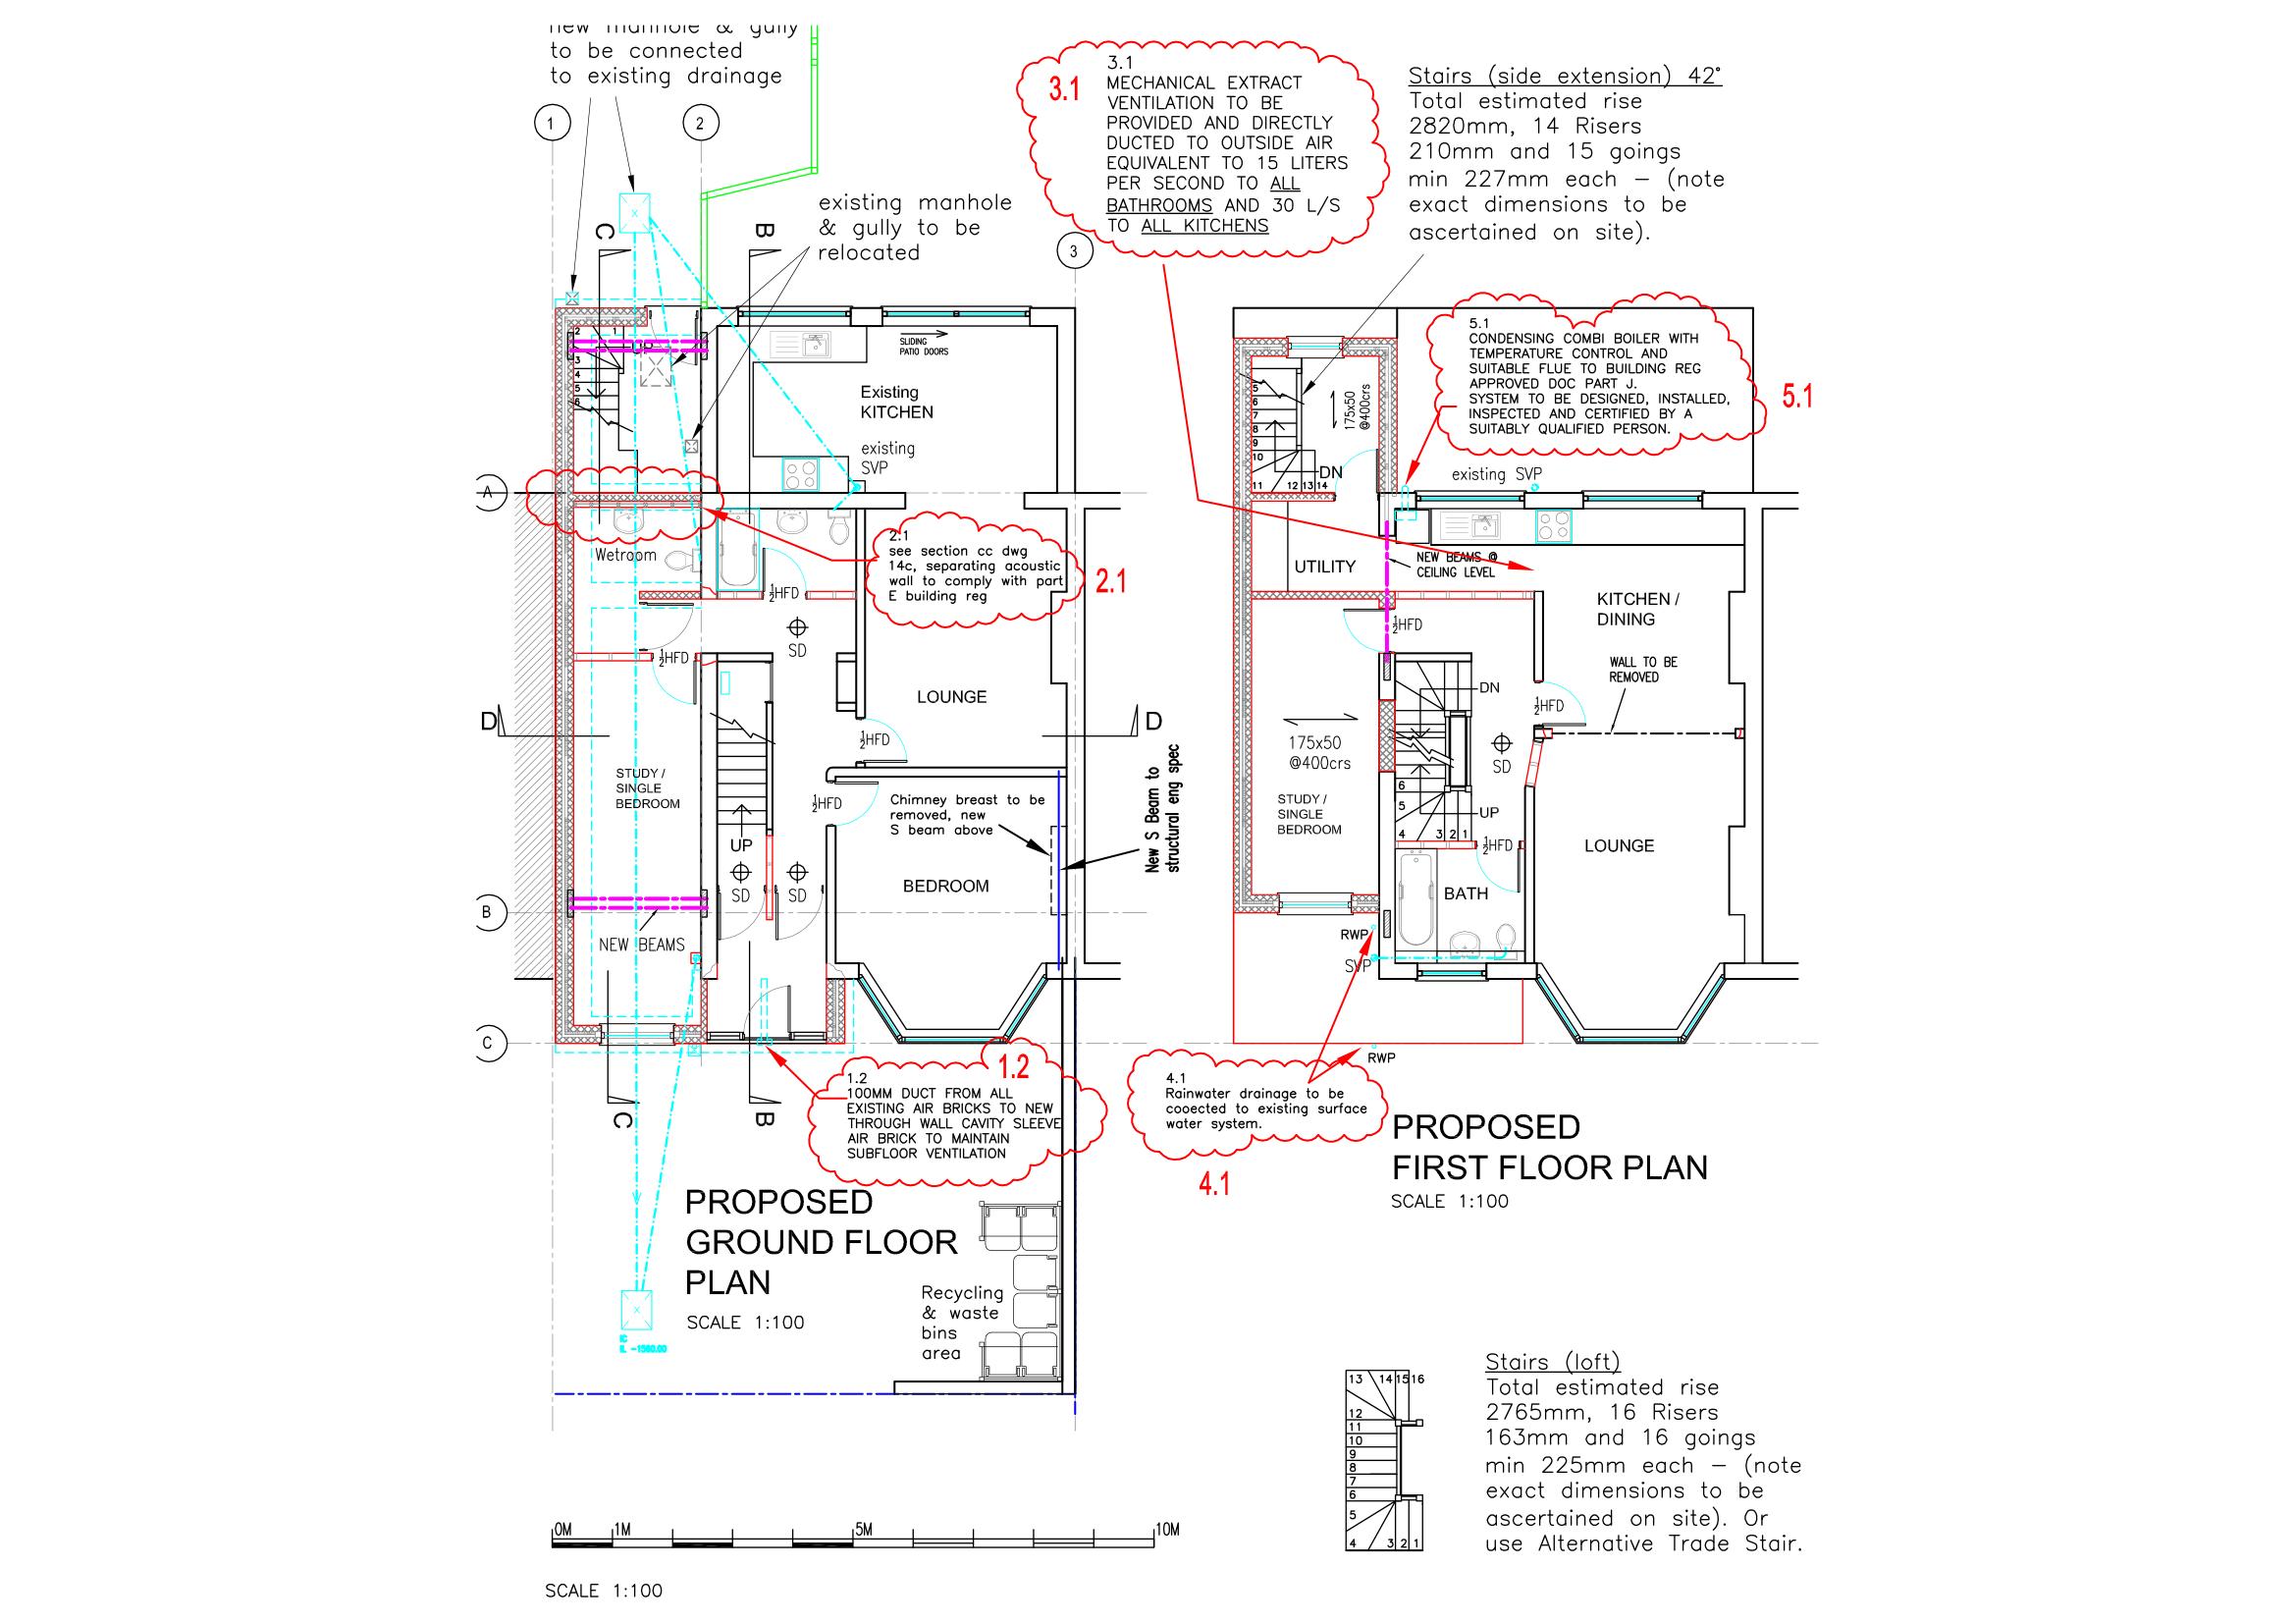 Buildin+Reg+2-1-2339x1653